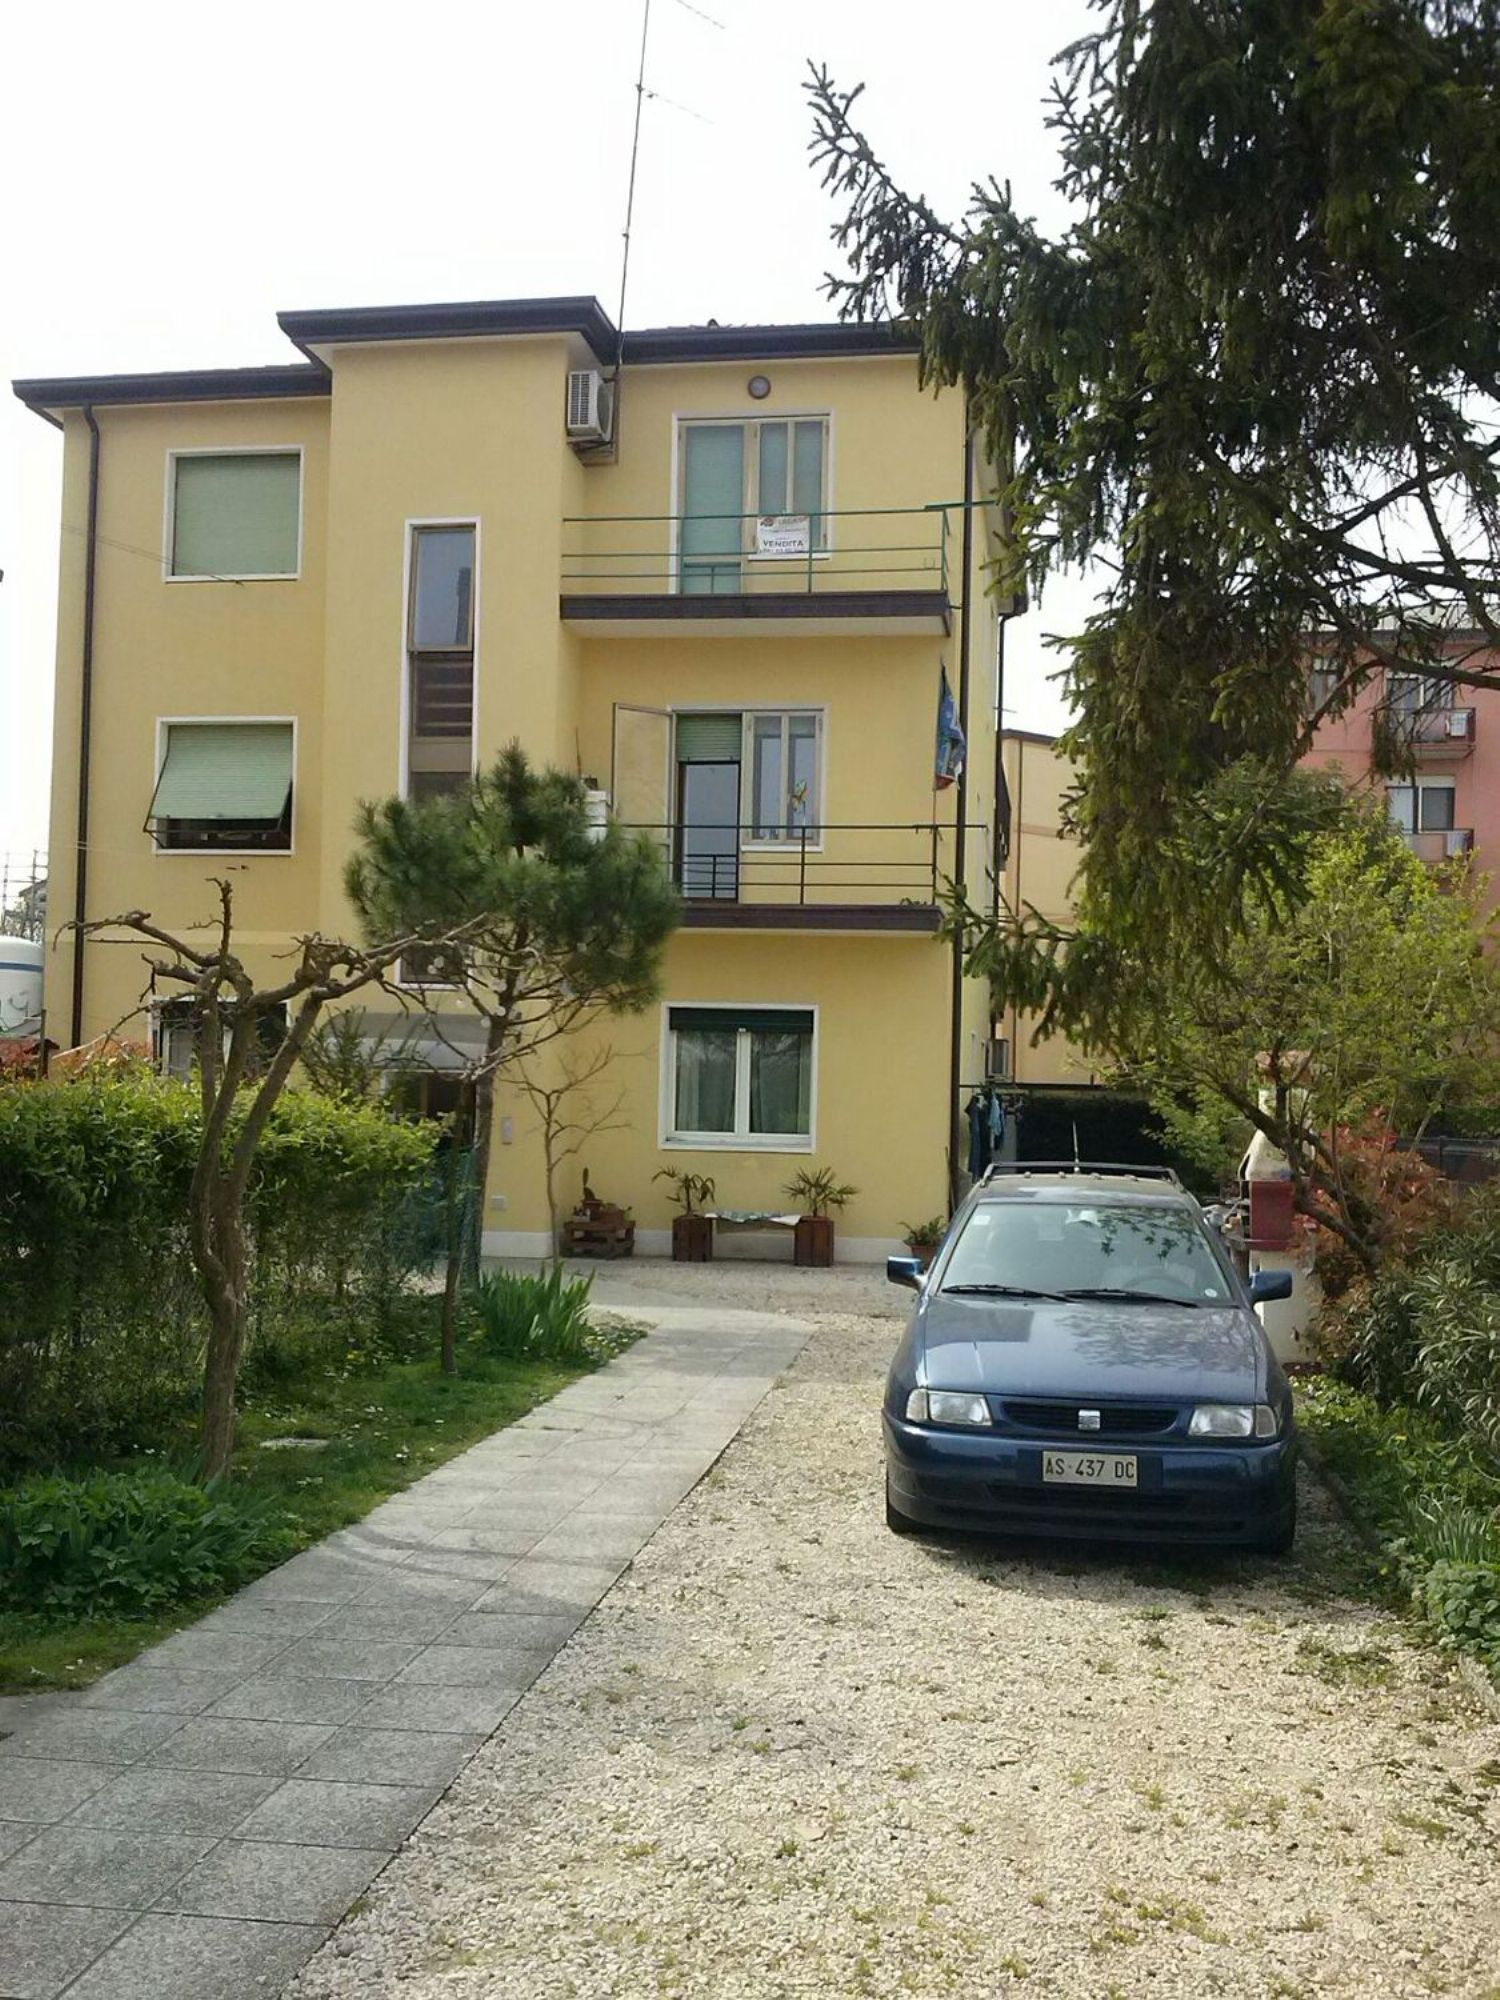 Attico / Mansarda in vendita a Venezia, 2 locali, prezzo € 153.000 | Cambio Casa.it